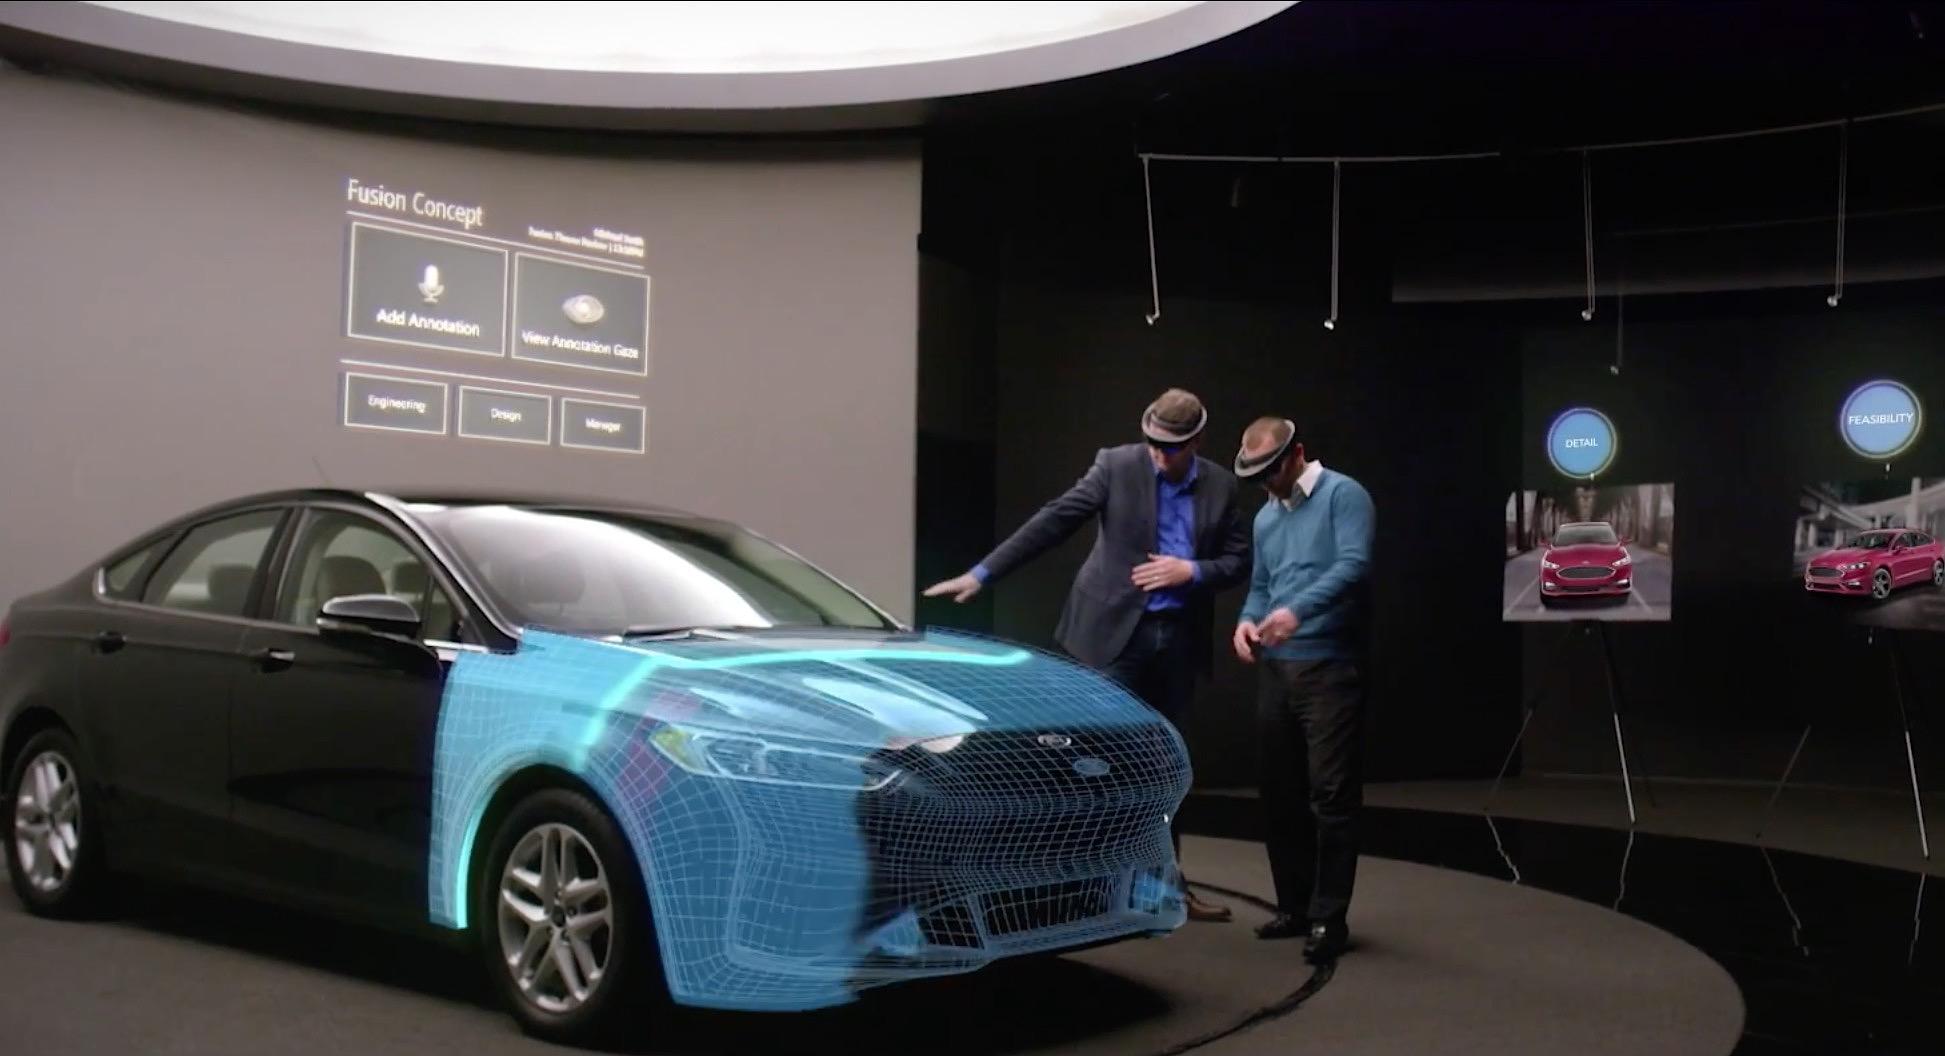 El fabricante Ford ya está probando las gafas de realidad aumentada HoloLens de Microsoft en el diseño de sus vehículos